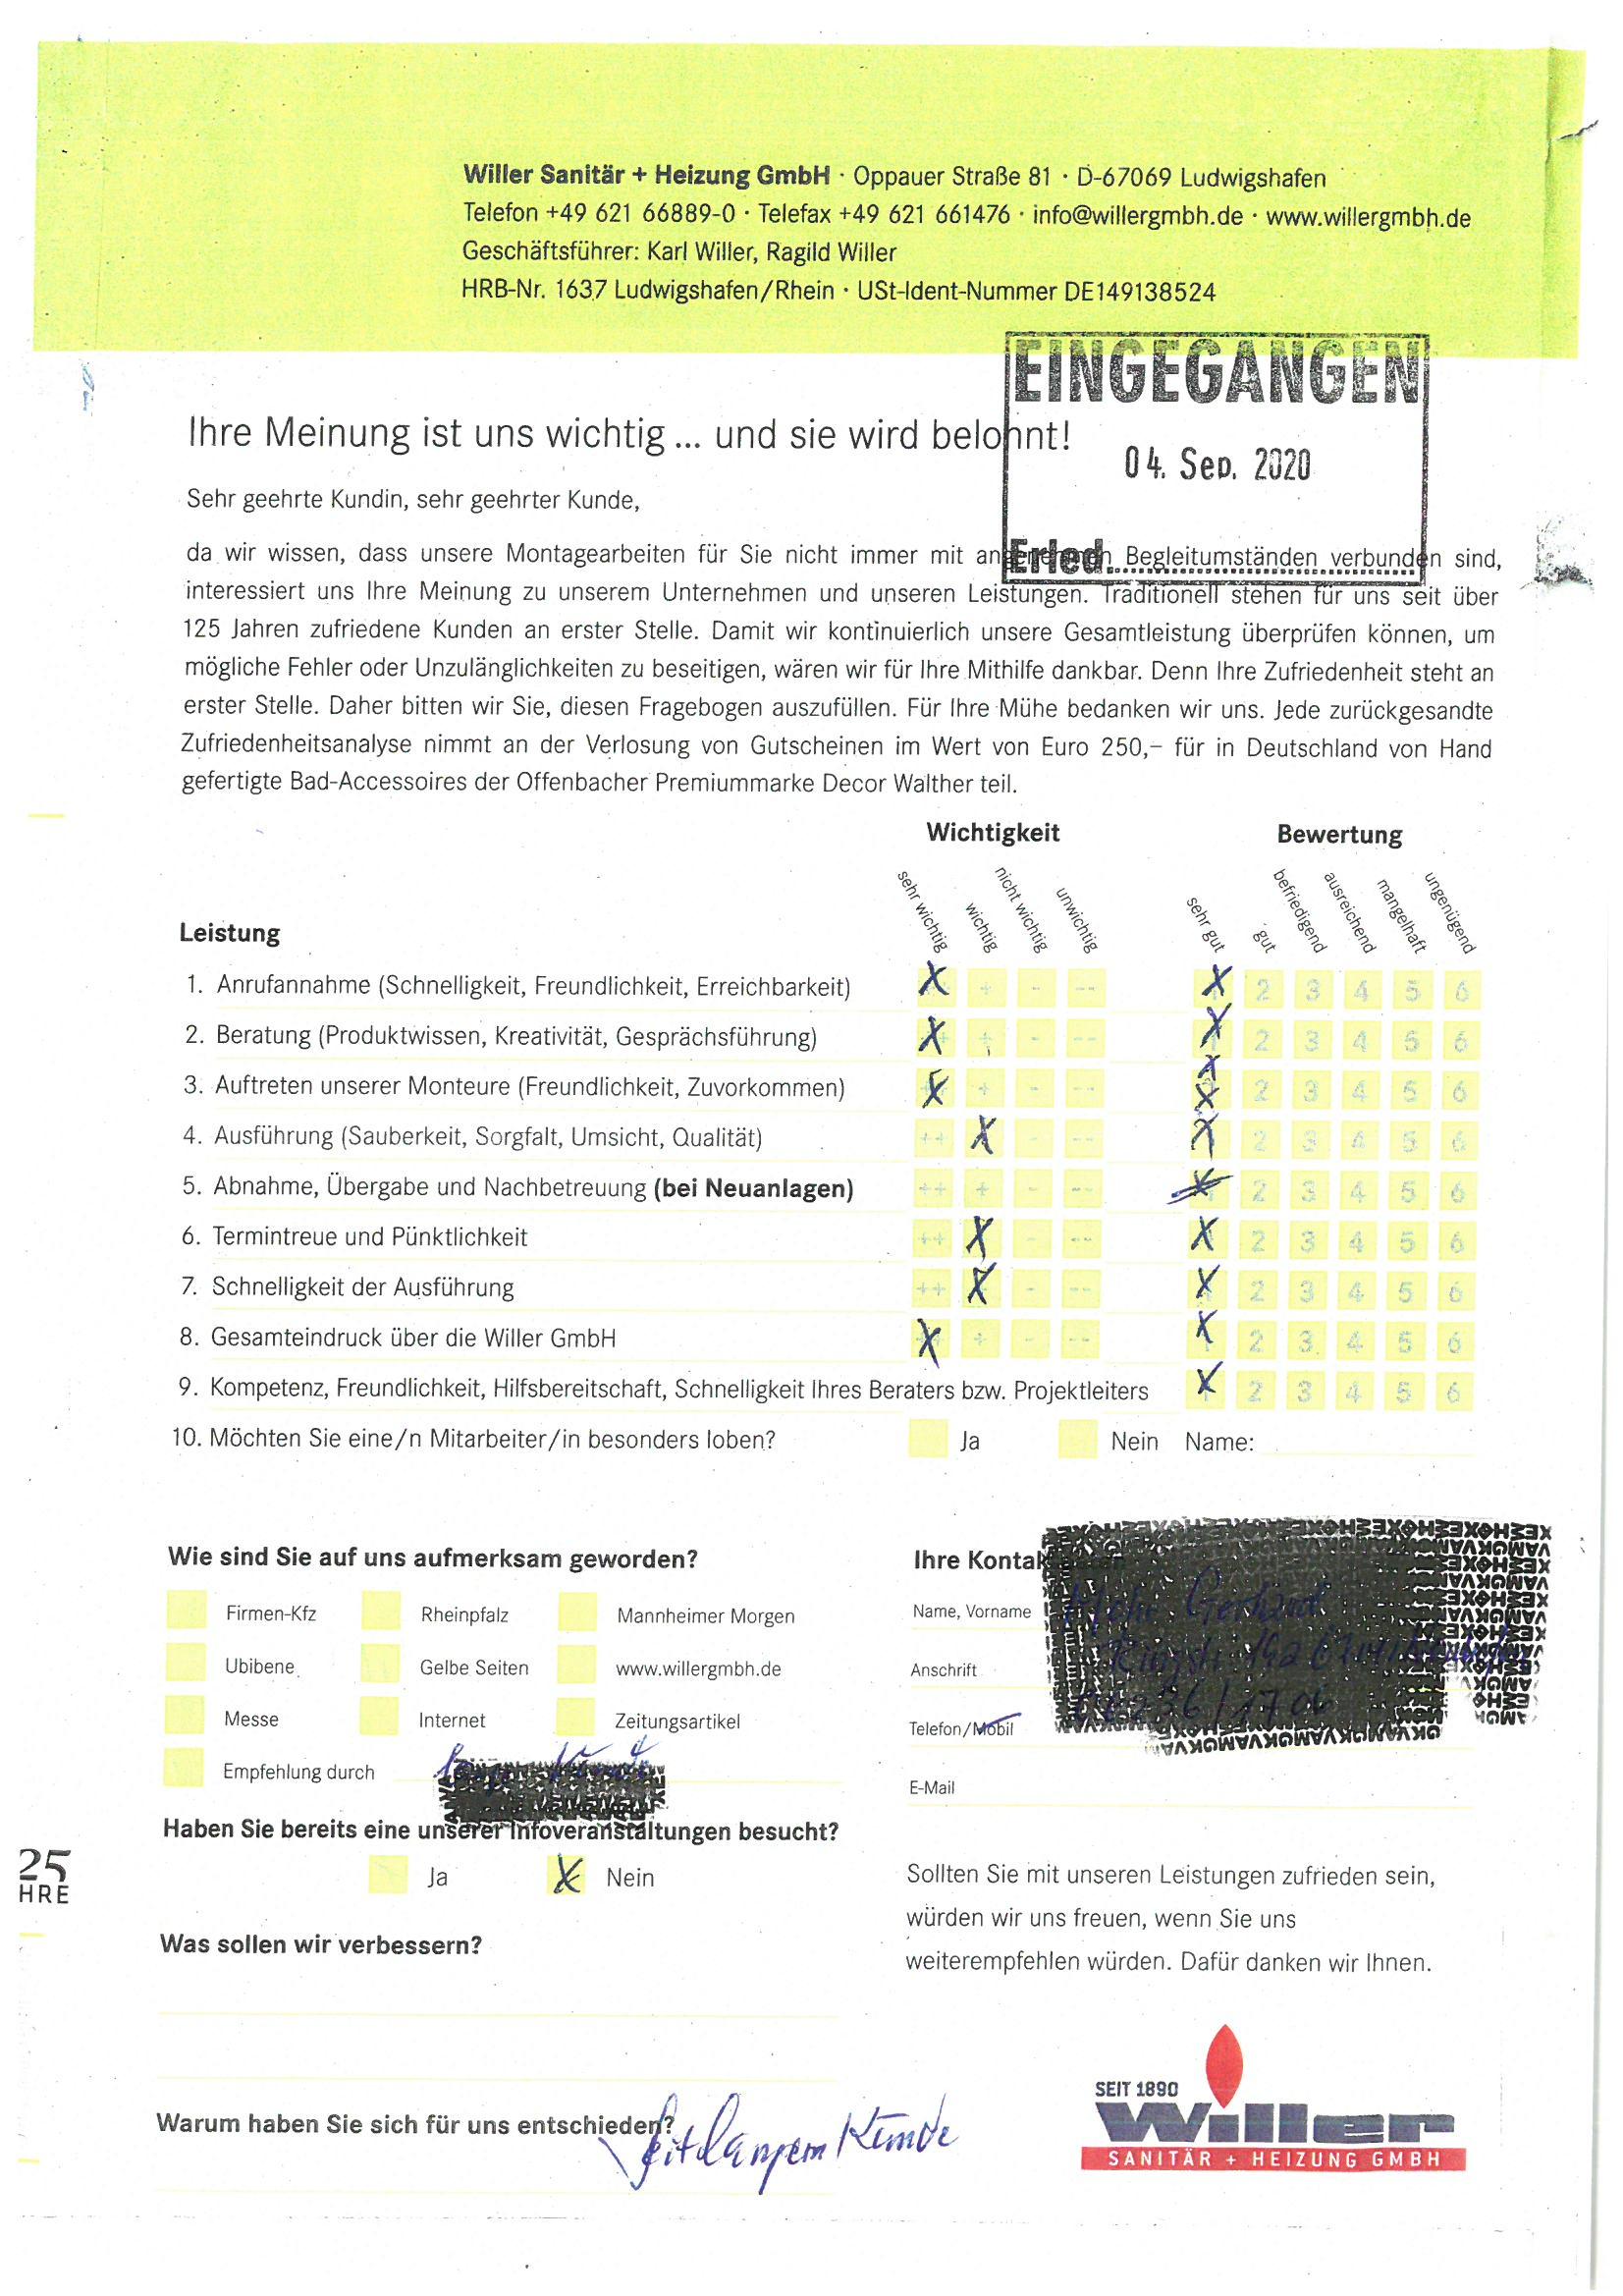 Bewertungen_Willer_Ludwigshafen_2020_ (103)